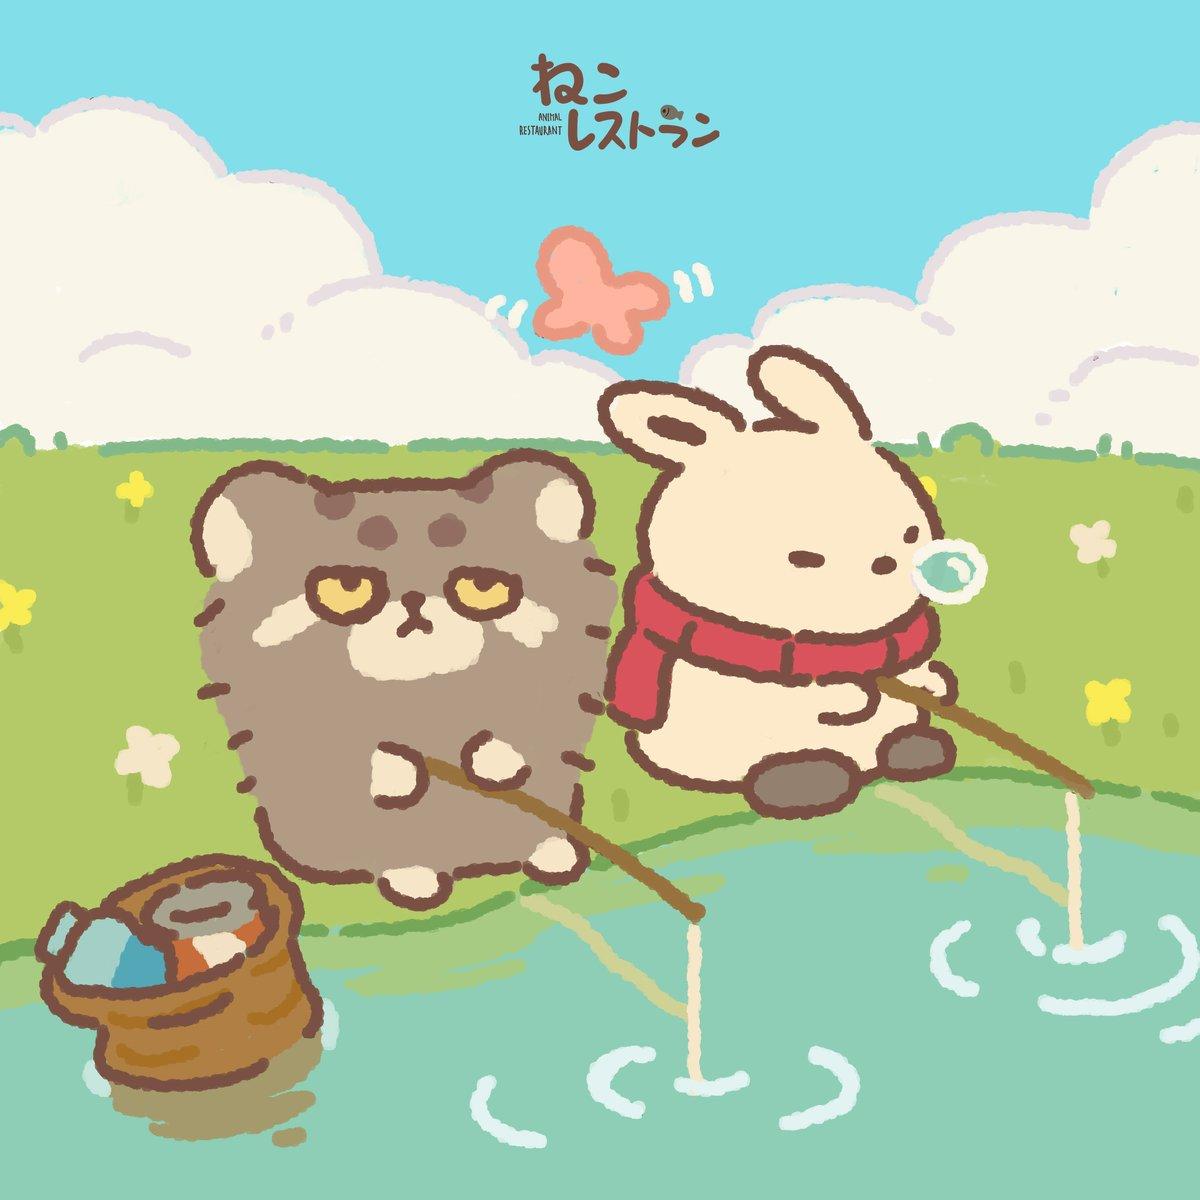 『ねこレストラン』はどんなゲーム?ゆるりと和みたい猫好きさん必見!